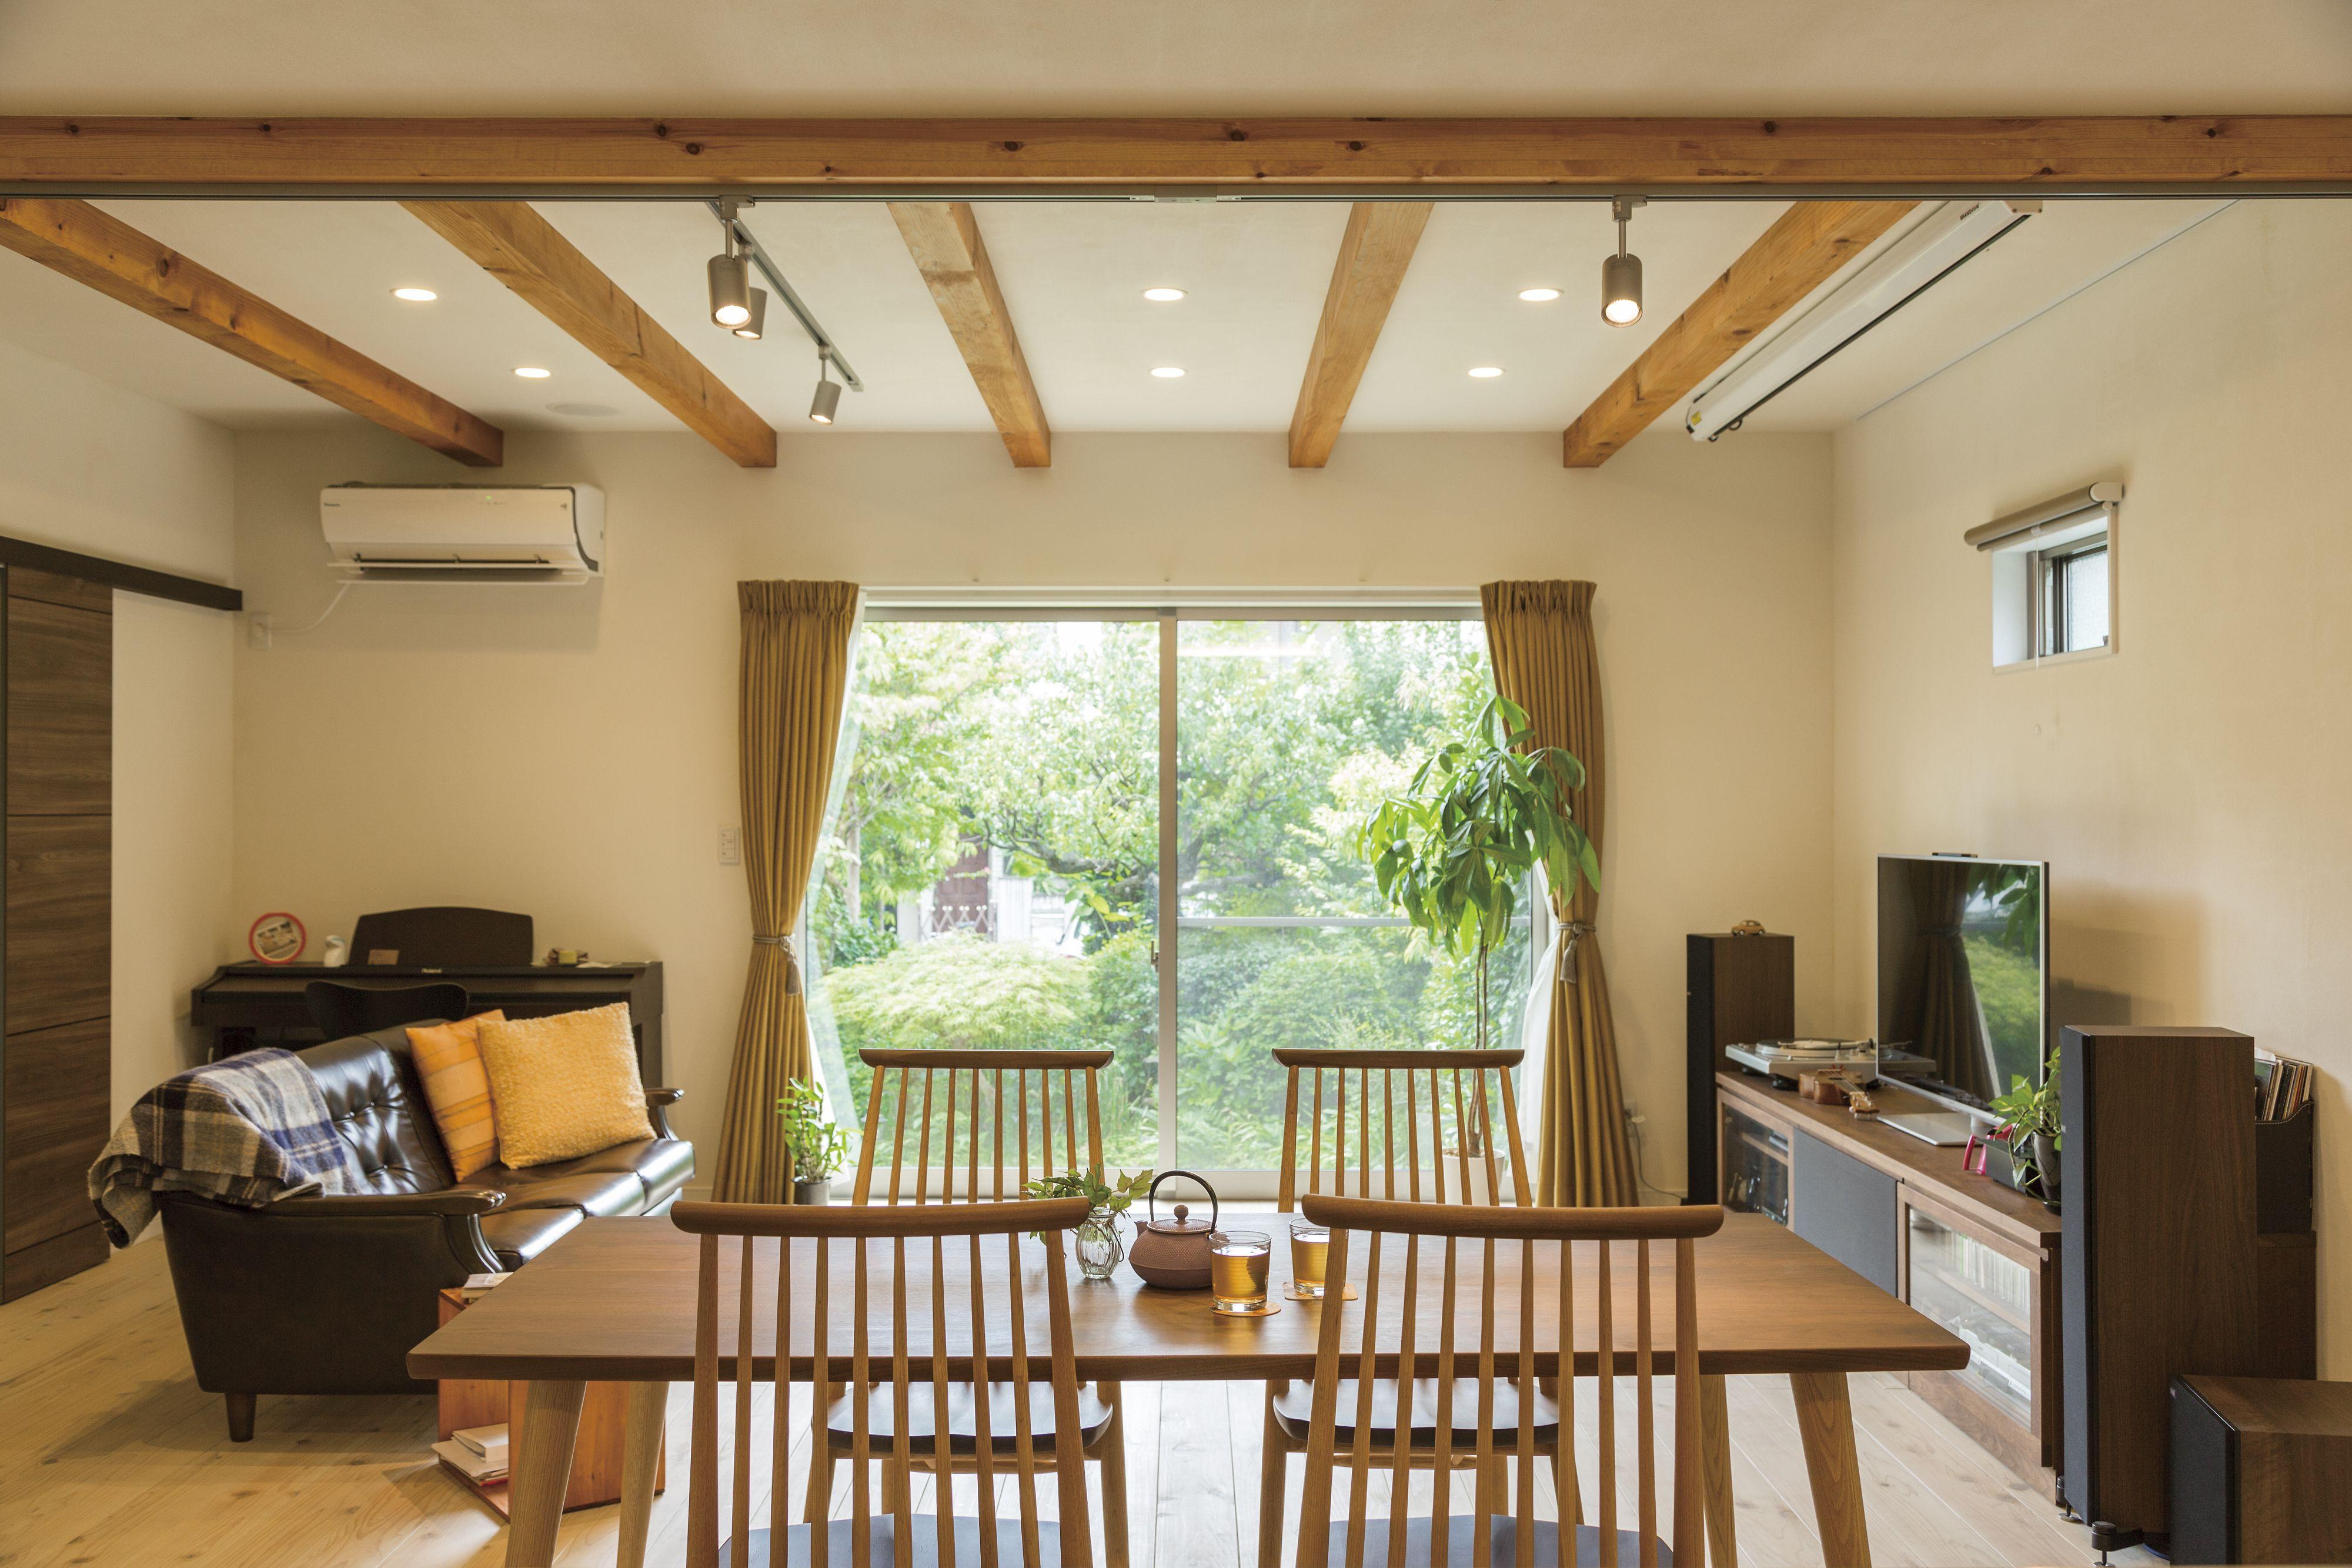 リビングから見える窓の外は緑でいっぱい 二世帯住宅 リビング インテリアデザイン